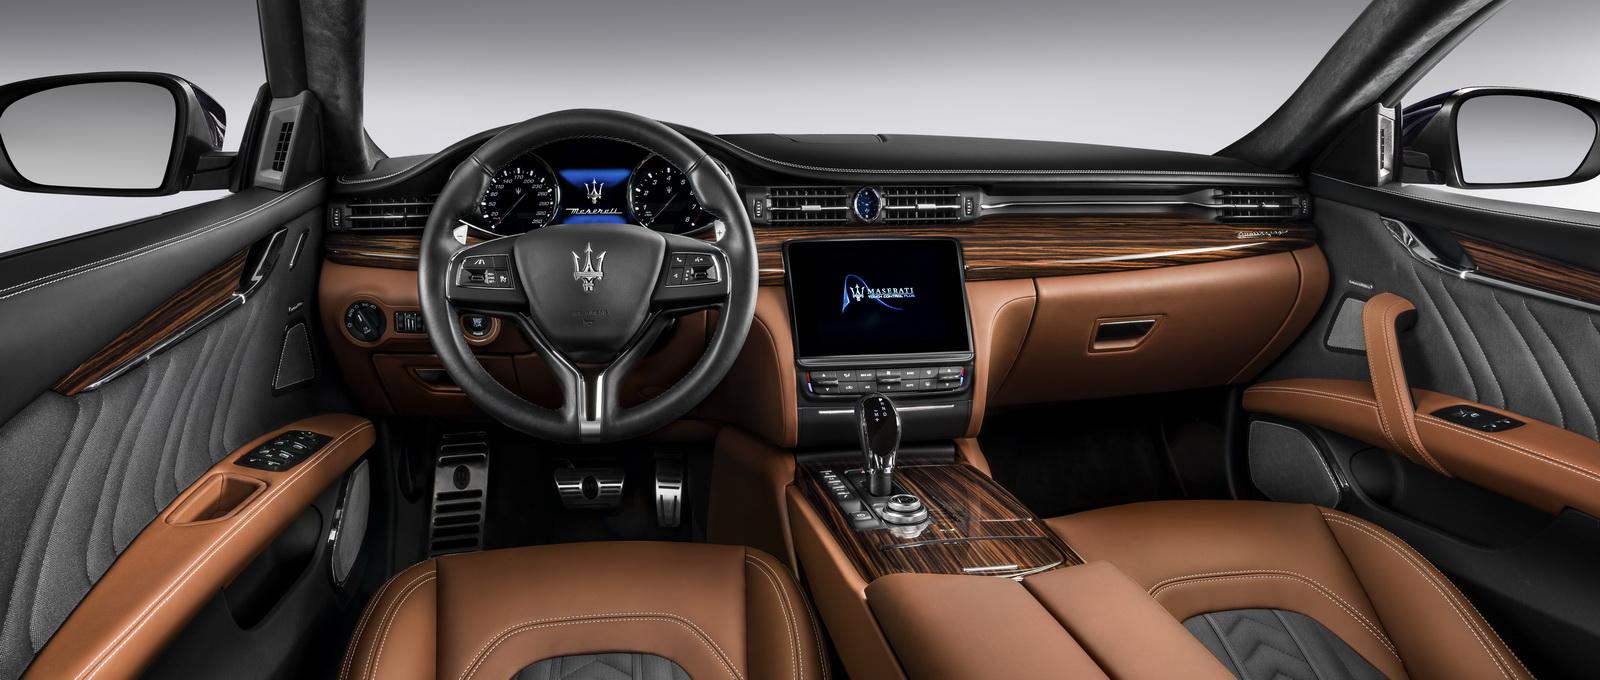 Maserati-Quattroporte-14-06-2016-9